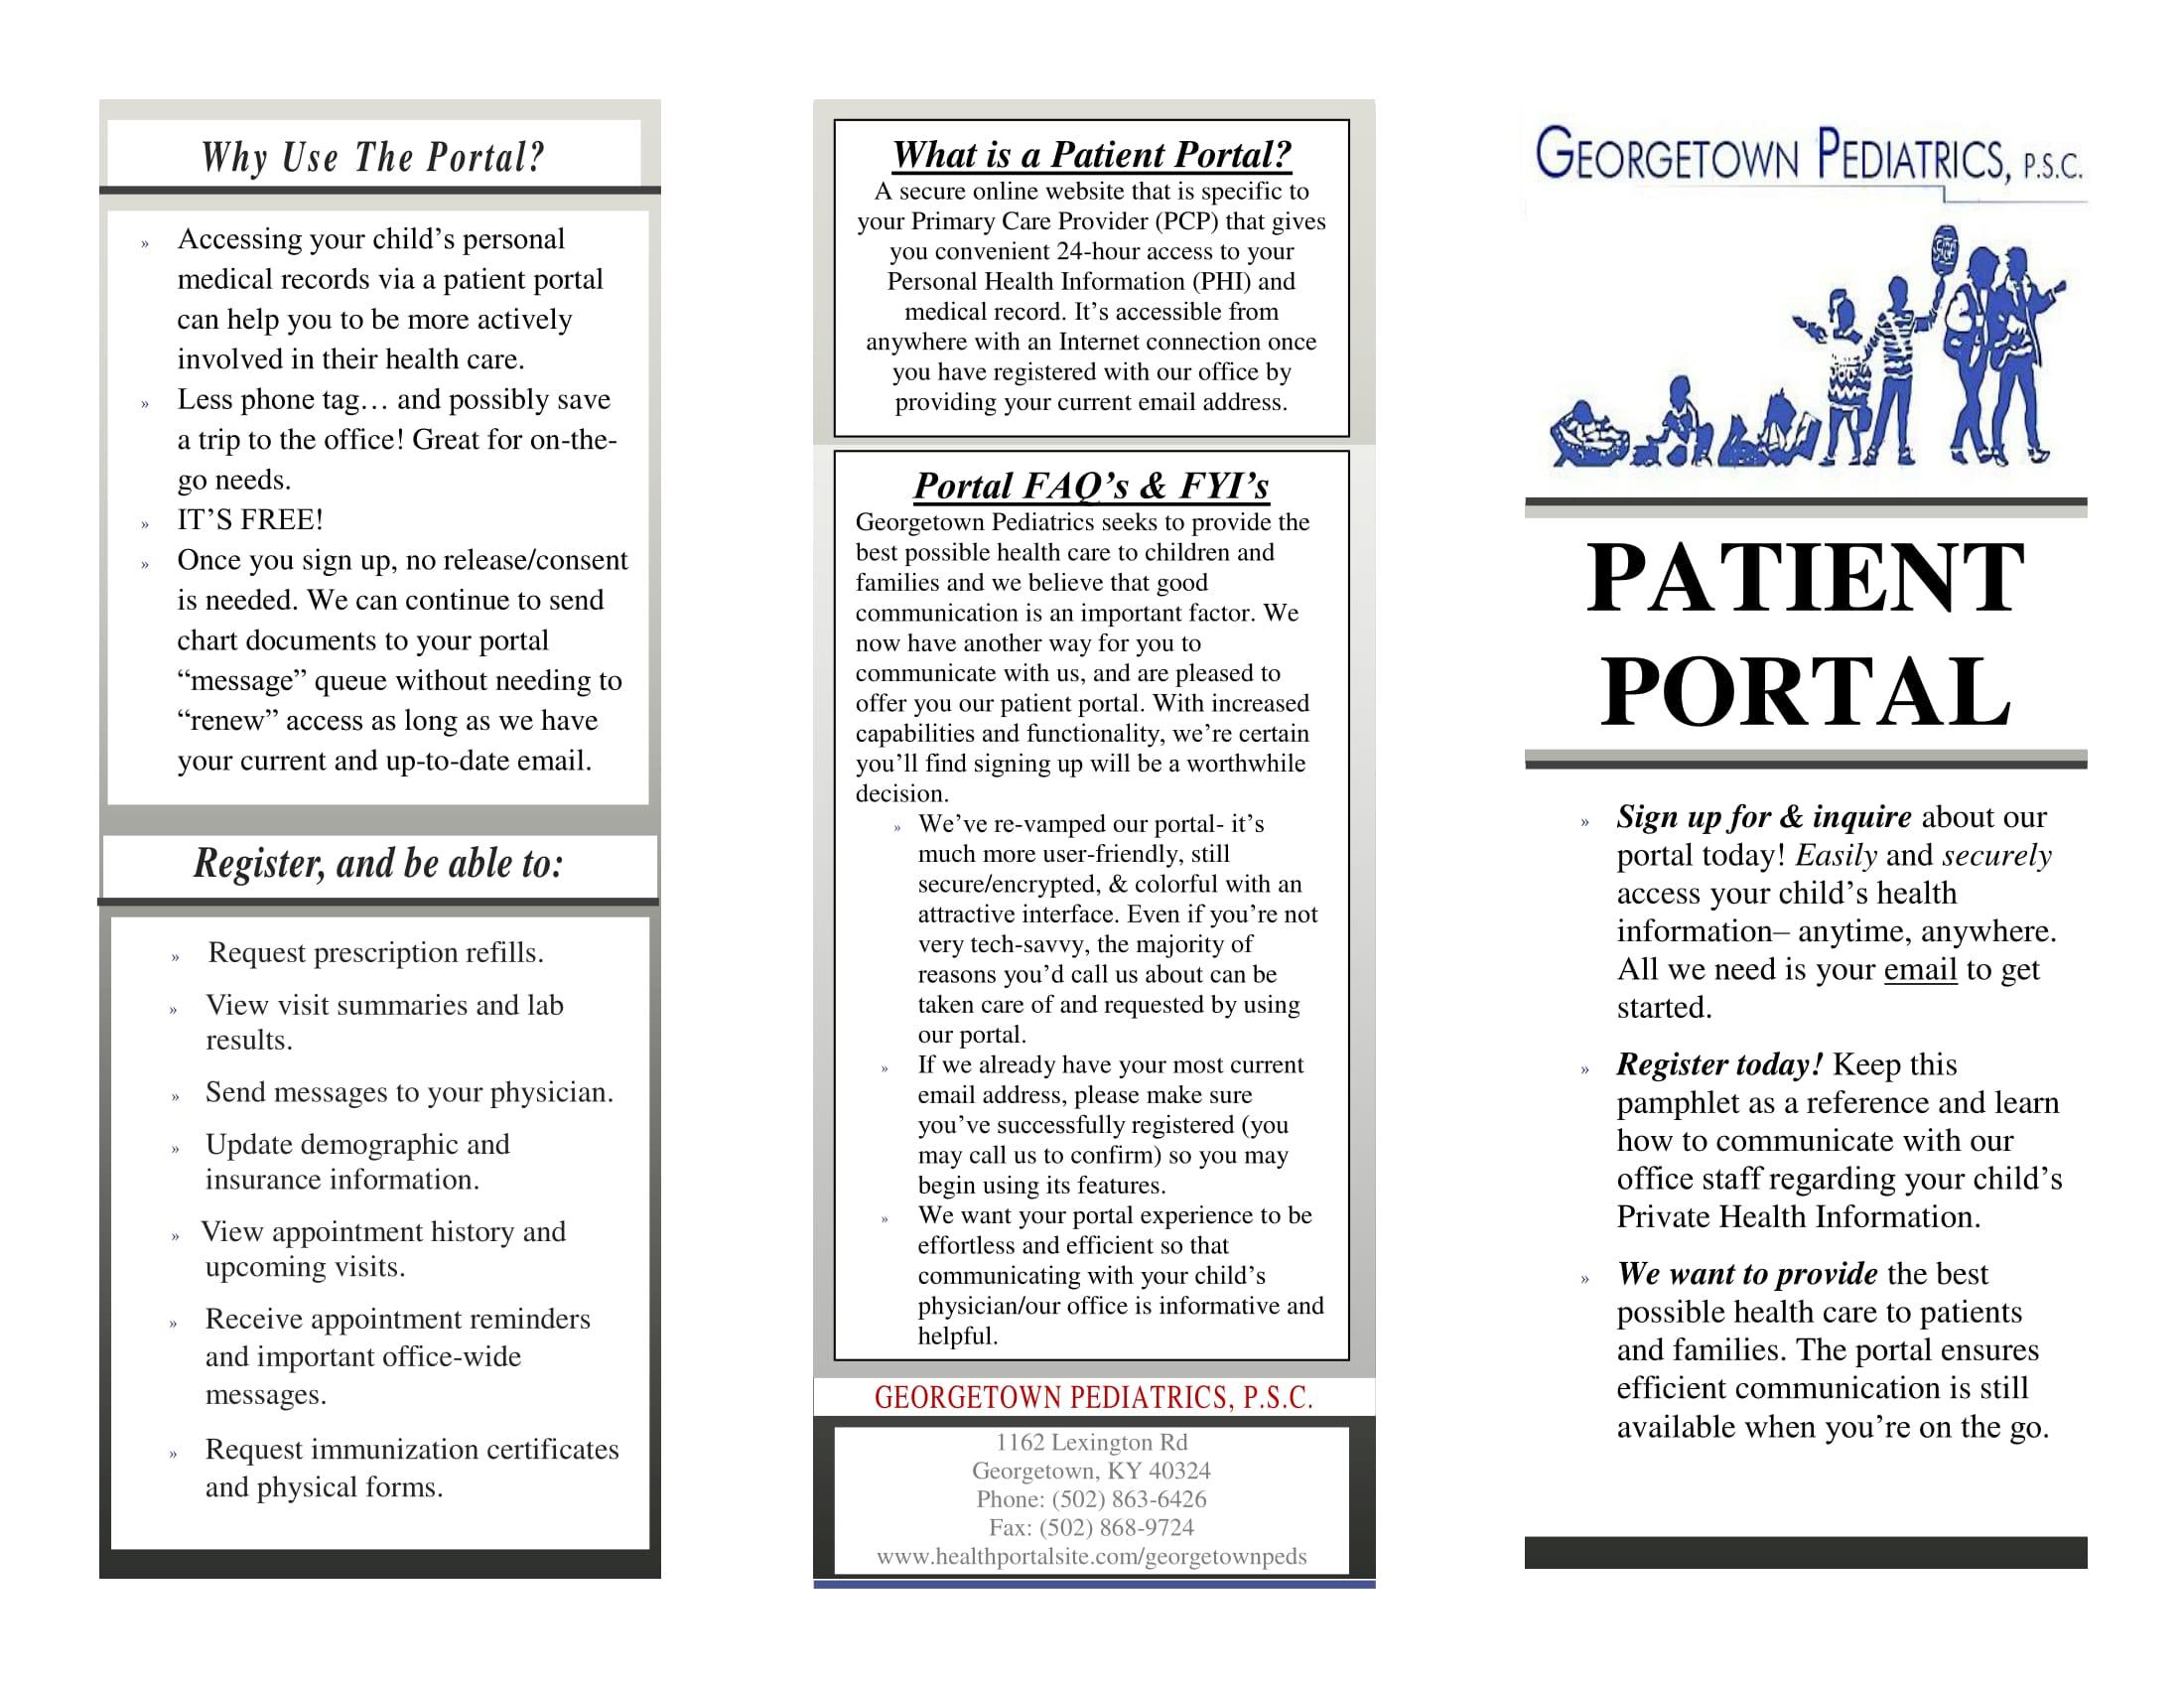 patient portal pamphlet- FRONT